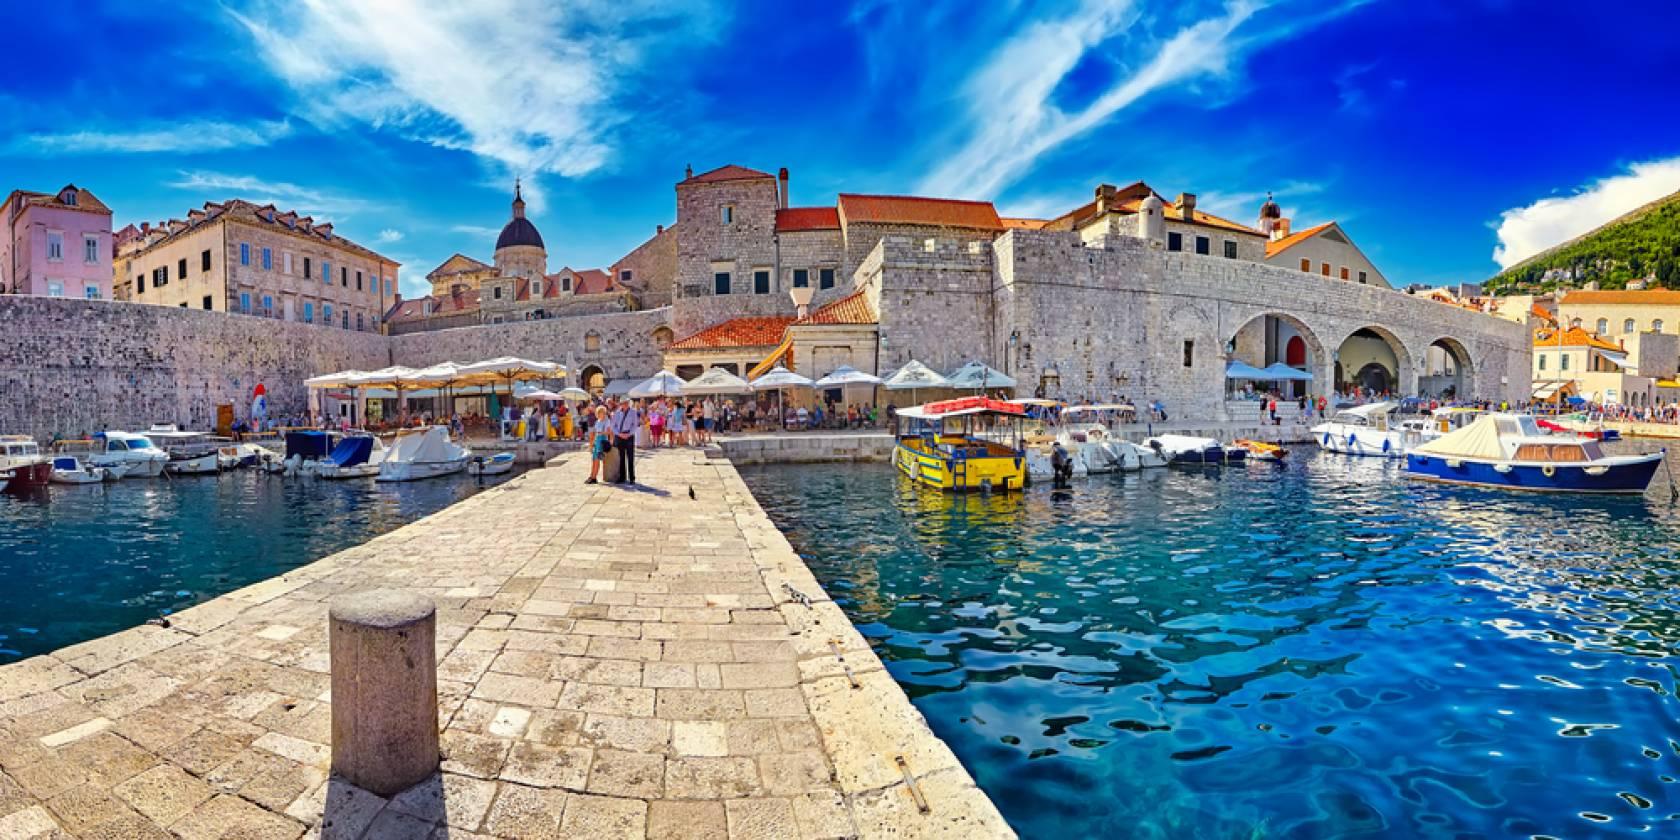 クロアチア観光/旅行【最新情報】クロアチアテレビ番組情報 「地中海 ...